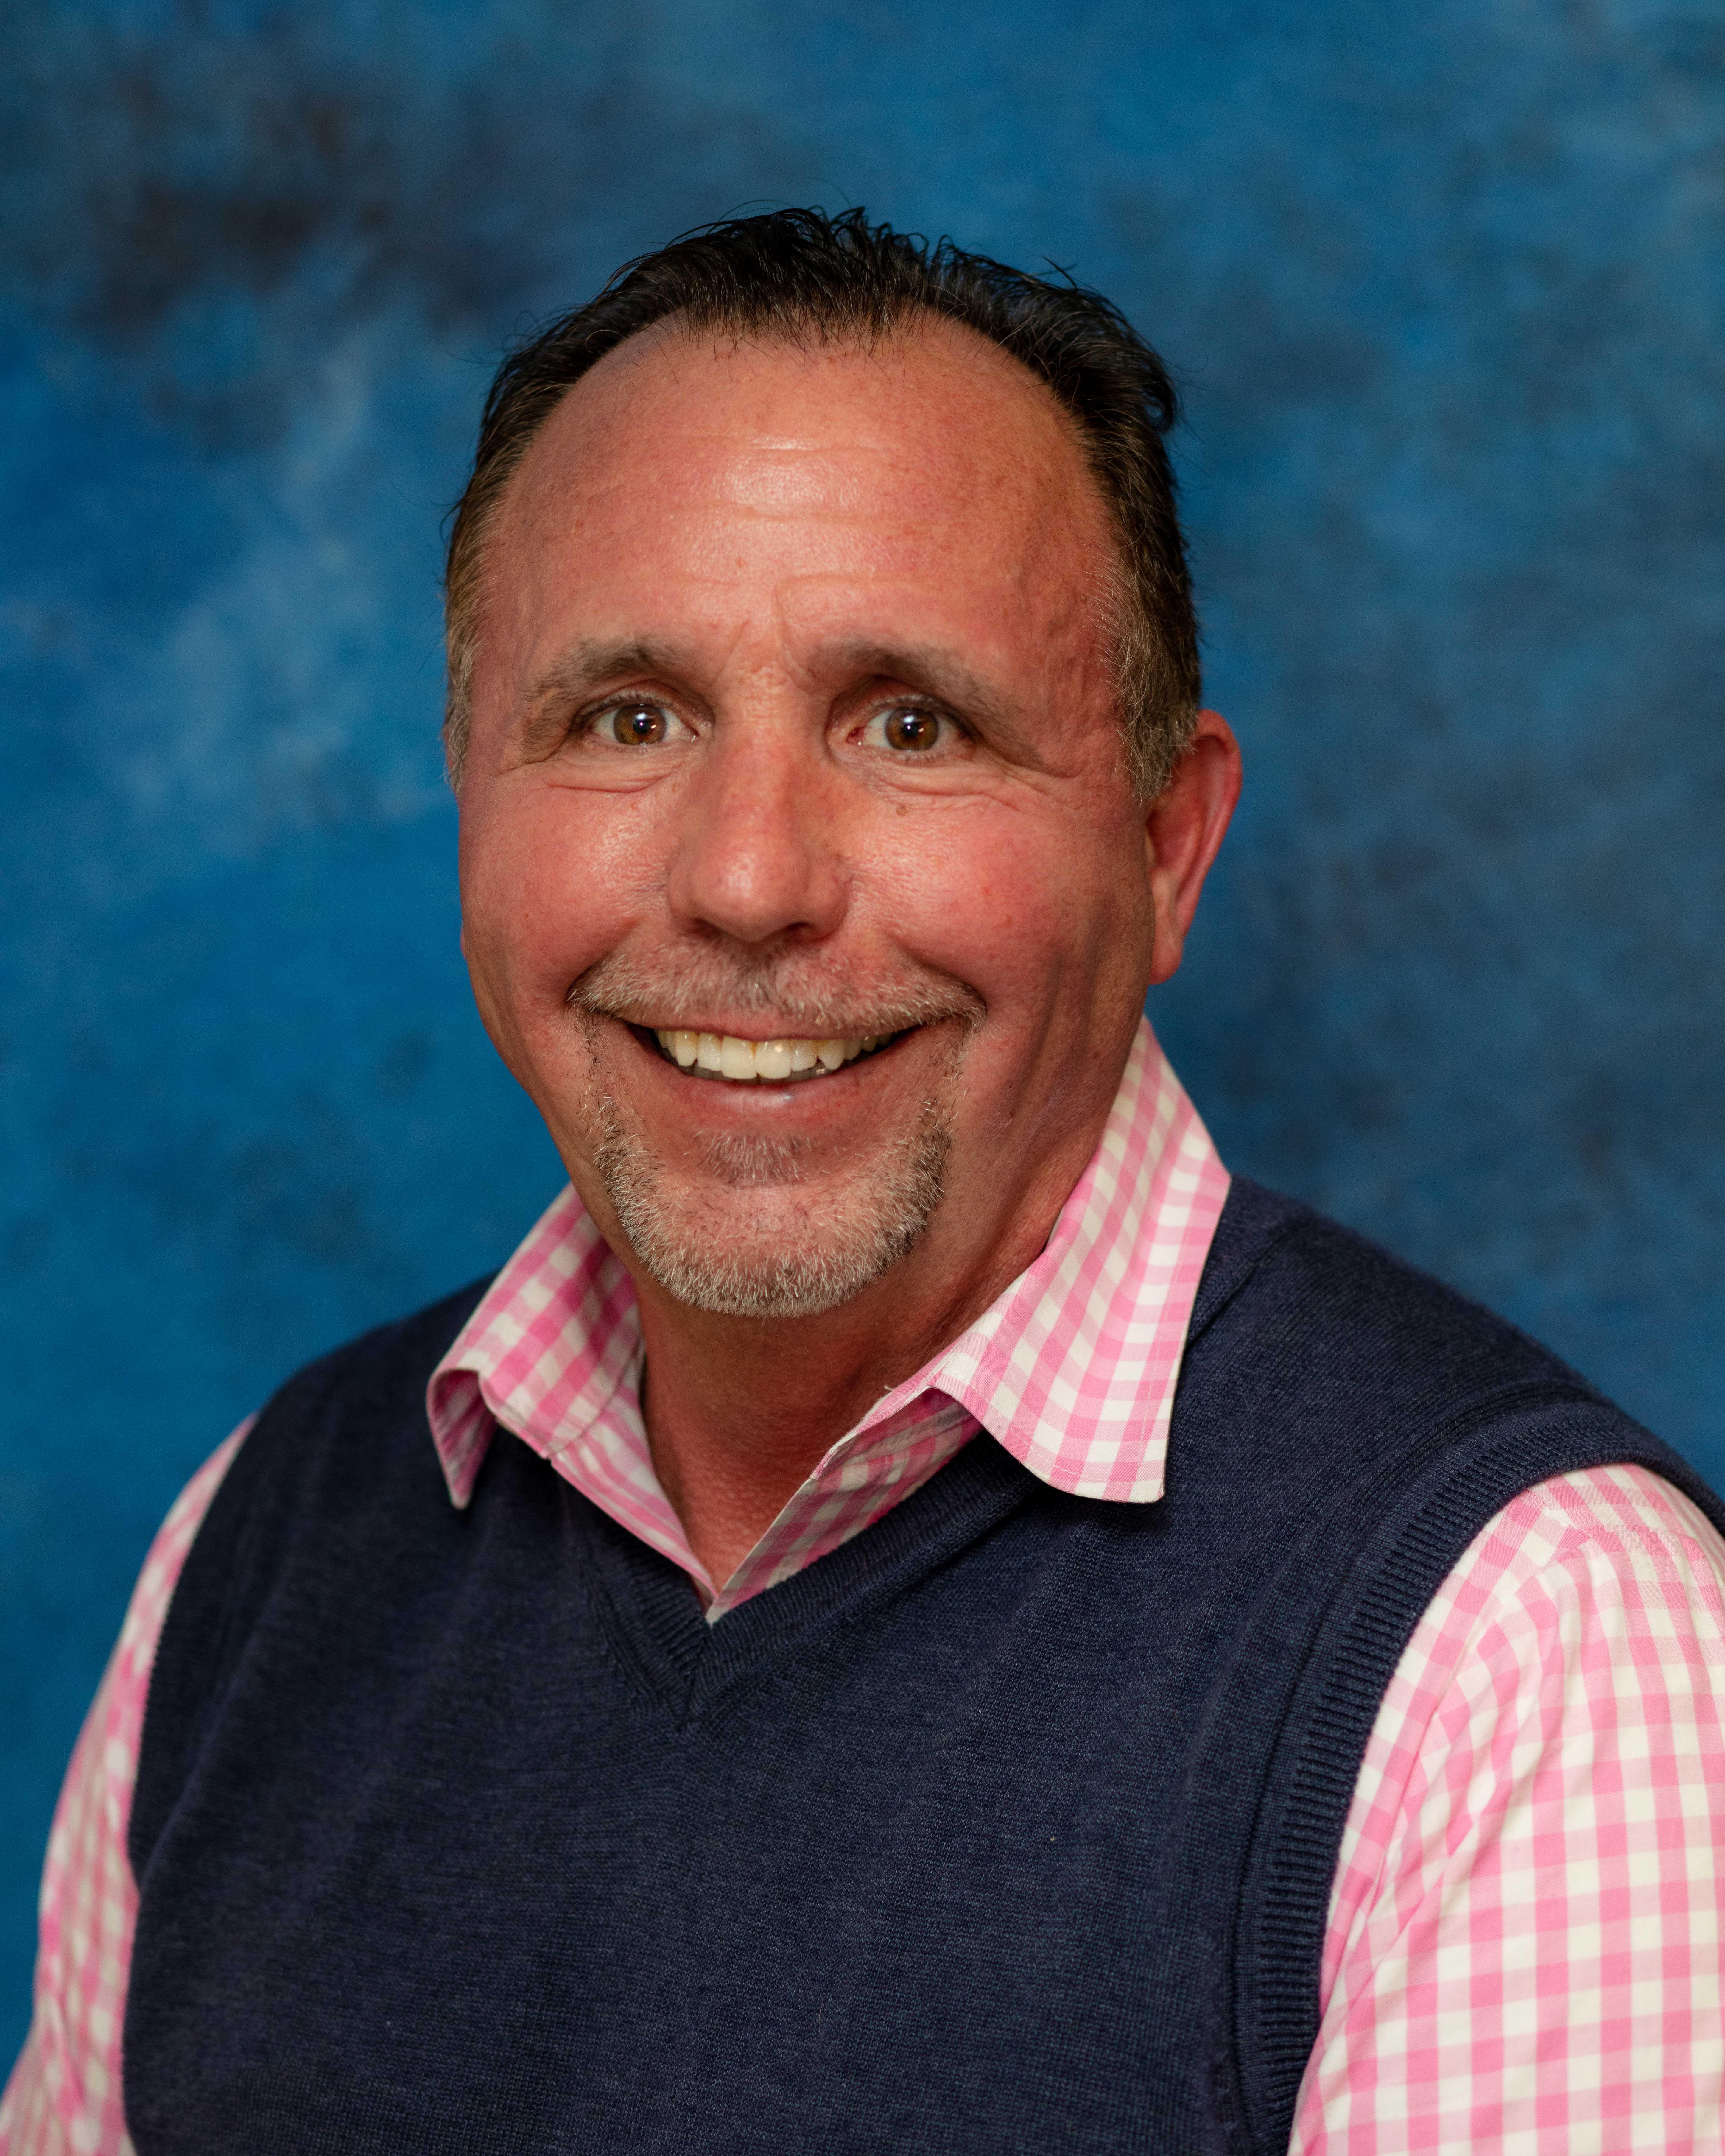 Board James Morris